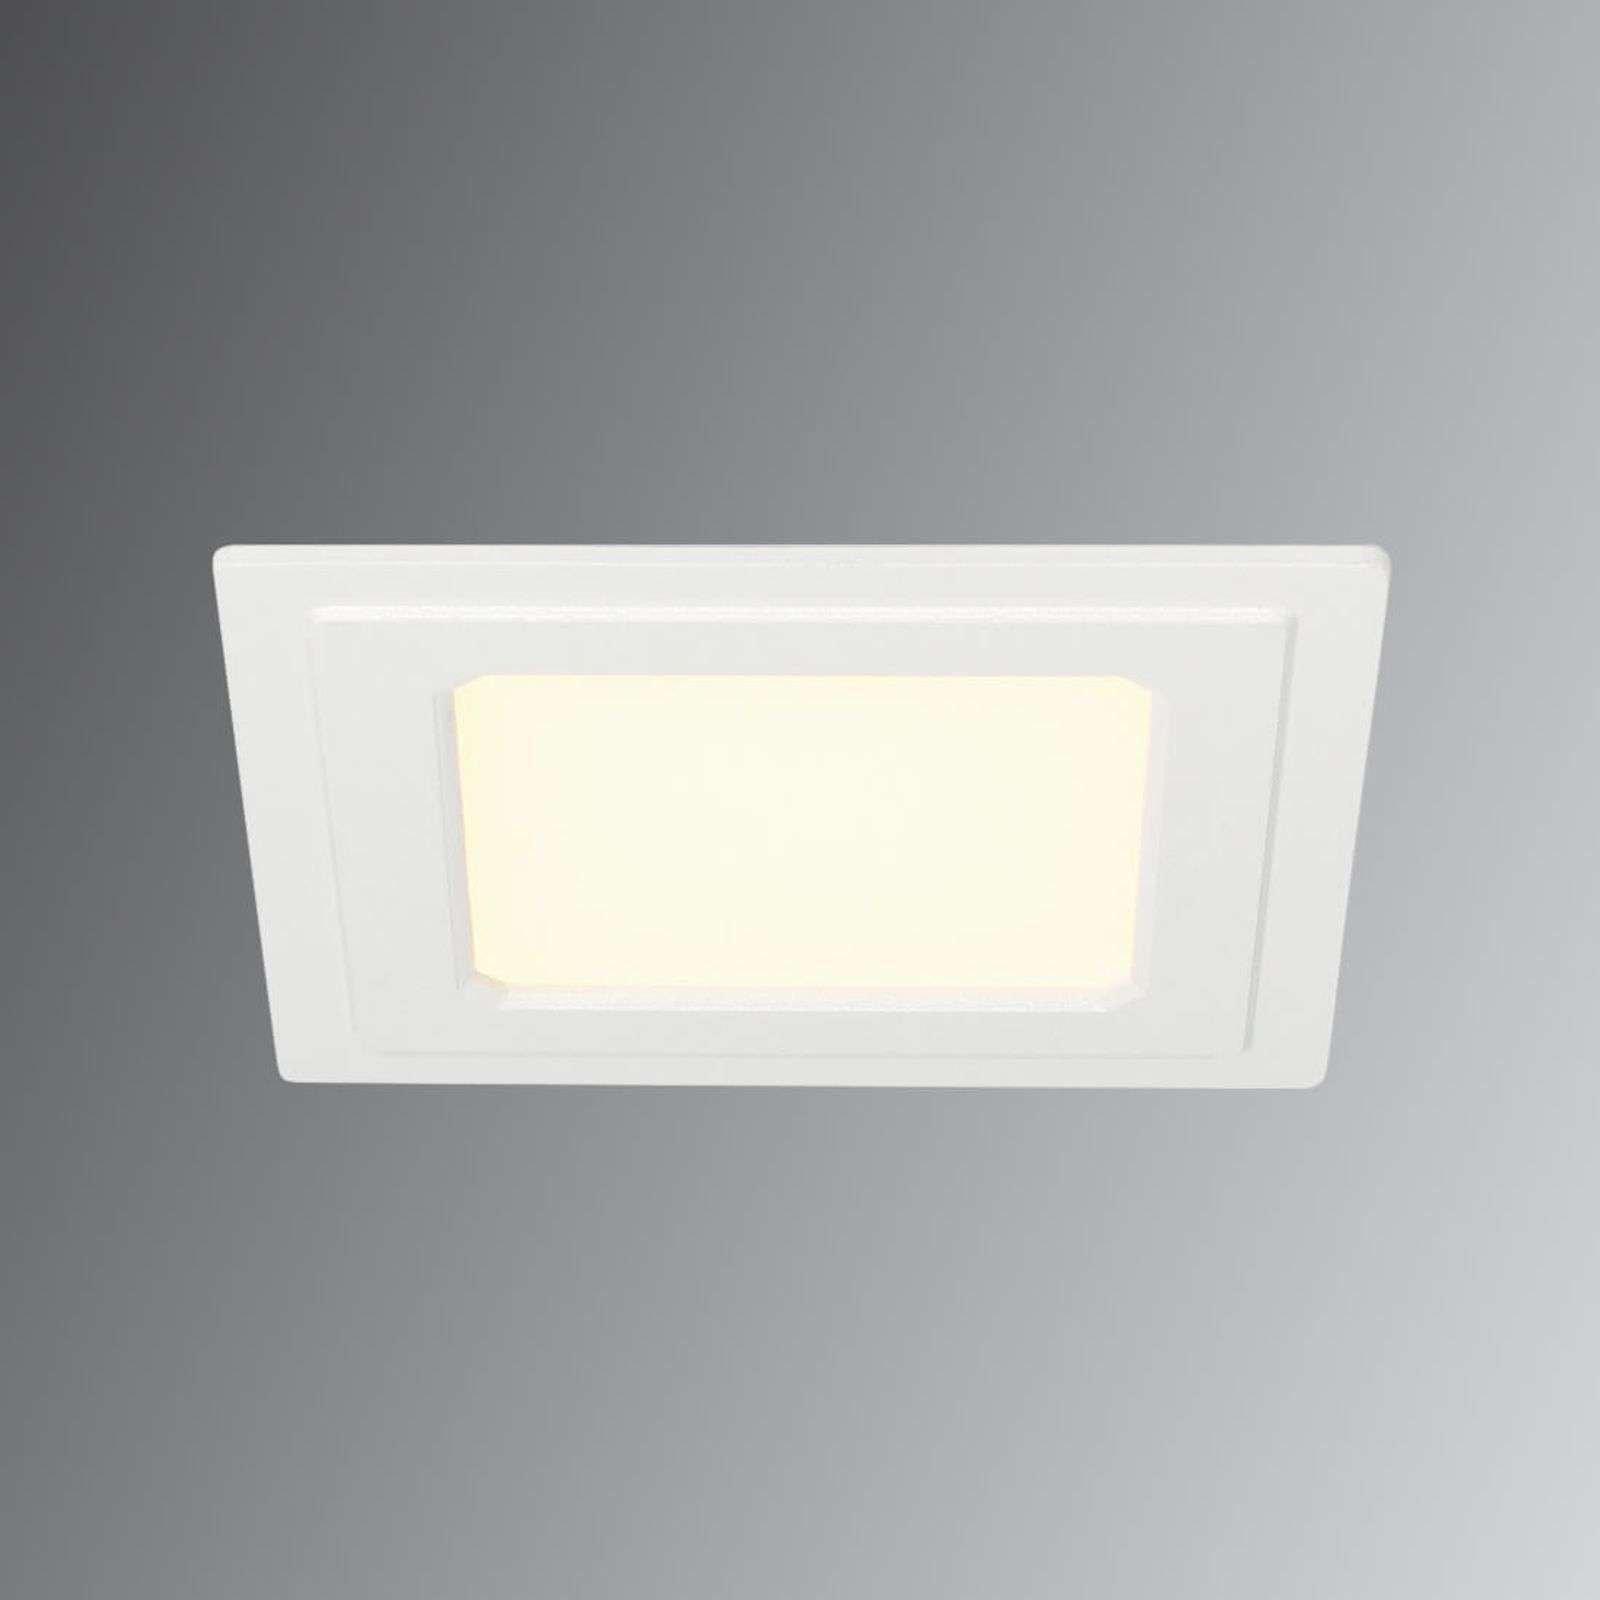 SLV Senser 6 LED recessed light  white